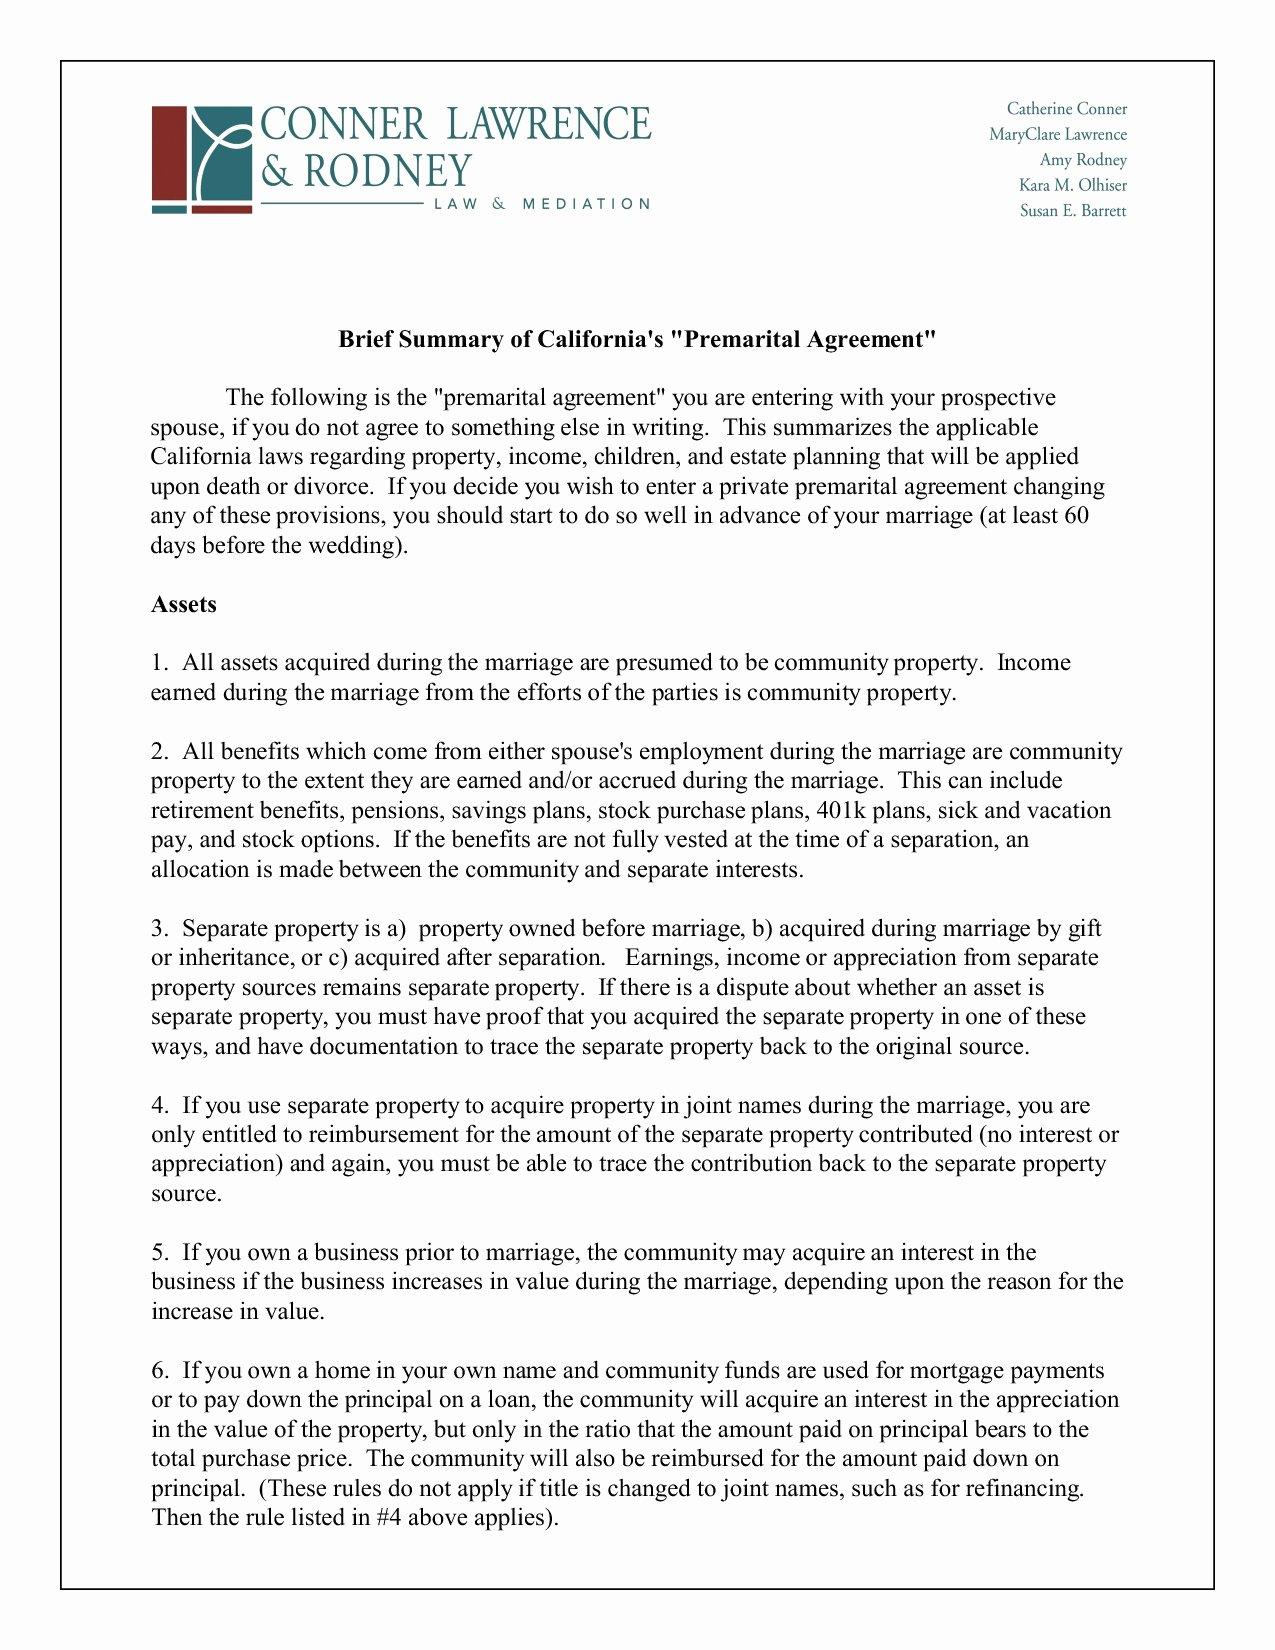 Postnuptial Agreement Florida Sample Unique 40 Quick Sample Prenuptial Agreement California Ce